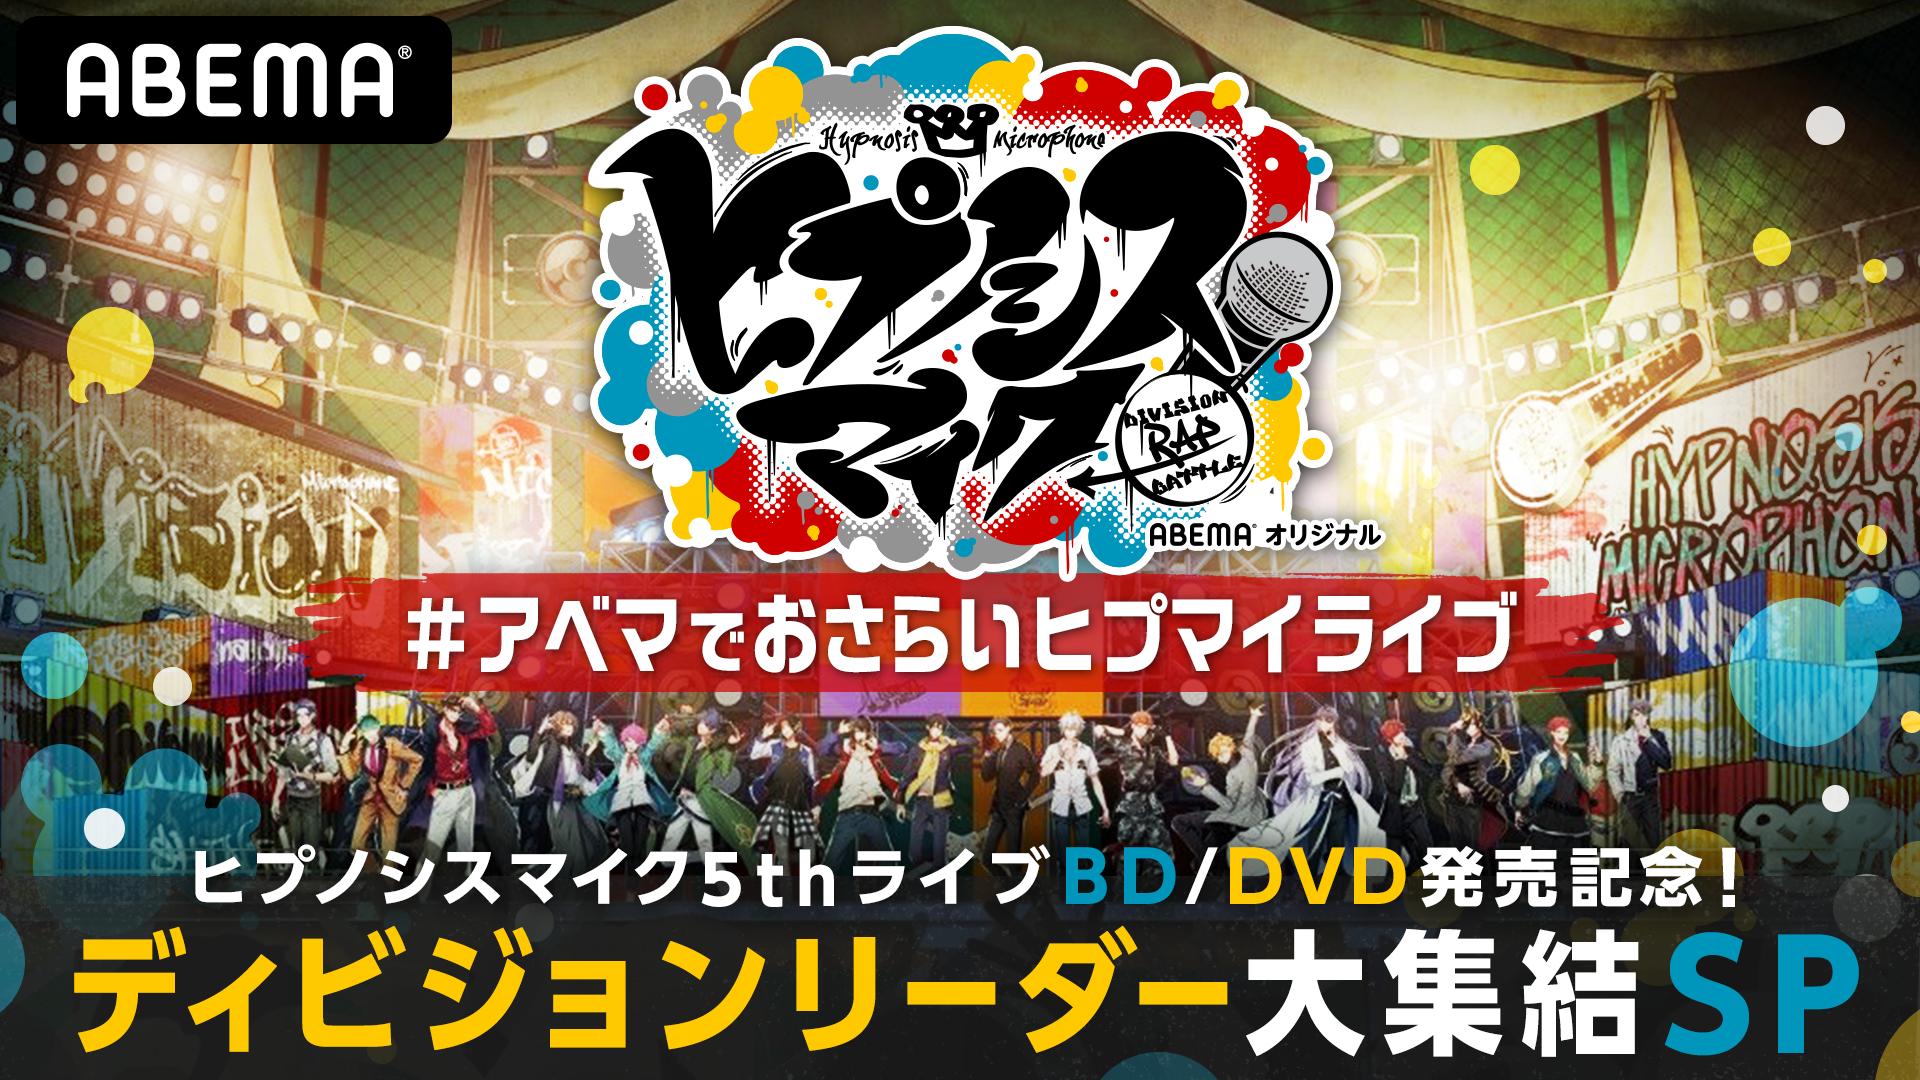 8月16日(日)19:00 O.A. <br>Abema「TVヒプノシスマイク5thライブBD/DVD発売記念!ディビジョンリーダー大集結SP」